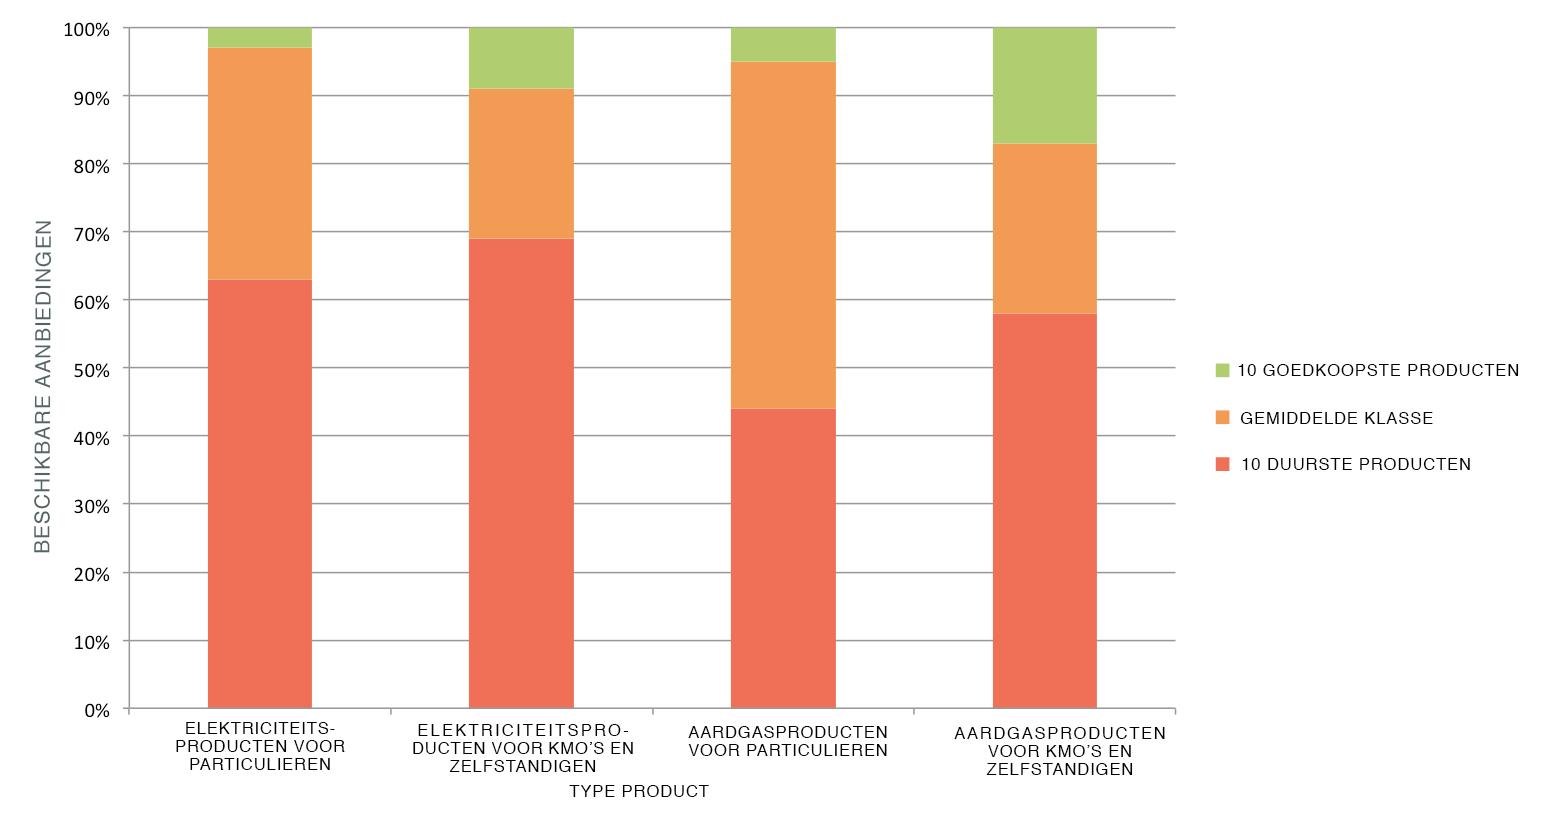 Grafiek van de Creg over de soorten producten die de Belgische consumenten onderschrijven